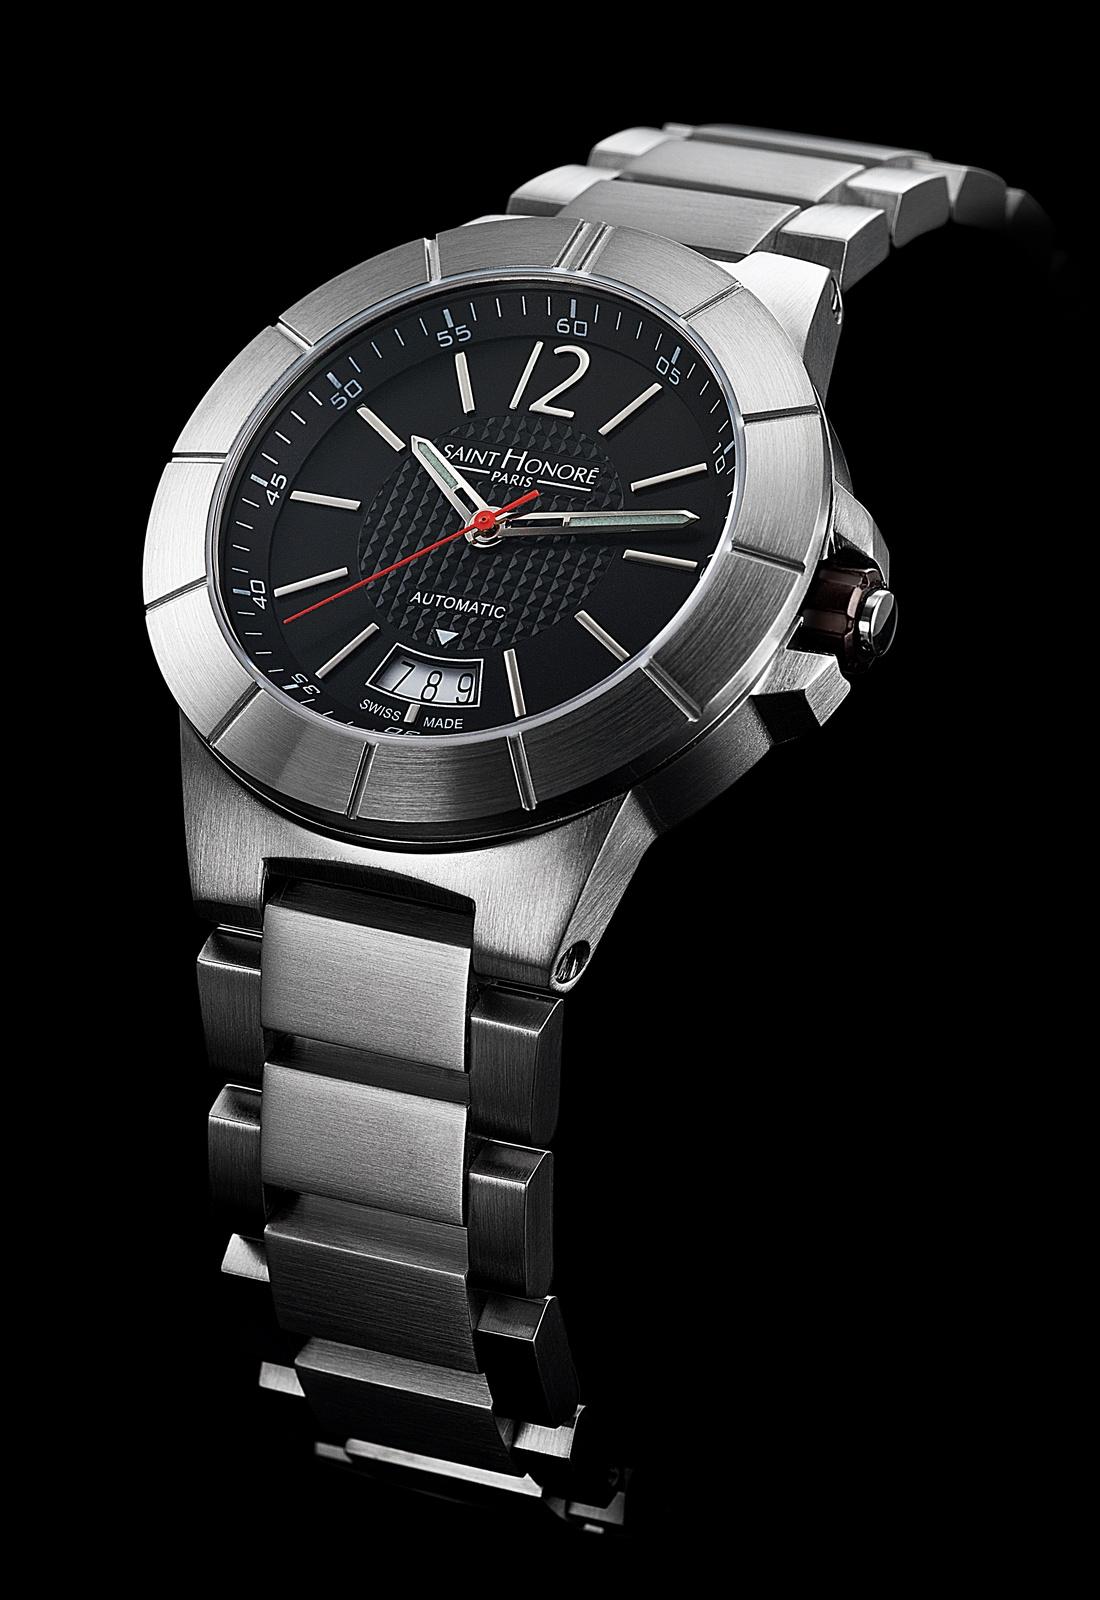 j 39 aime les montres la montre du jour saint honor worldcode automatic. Black Bedroom Furniture Sets. Home Design Ideas